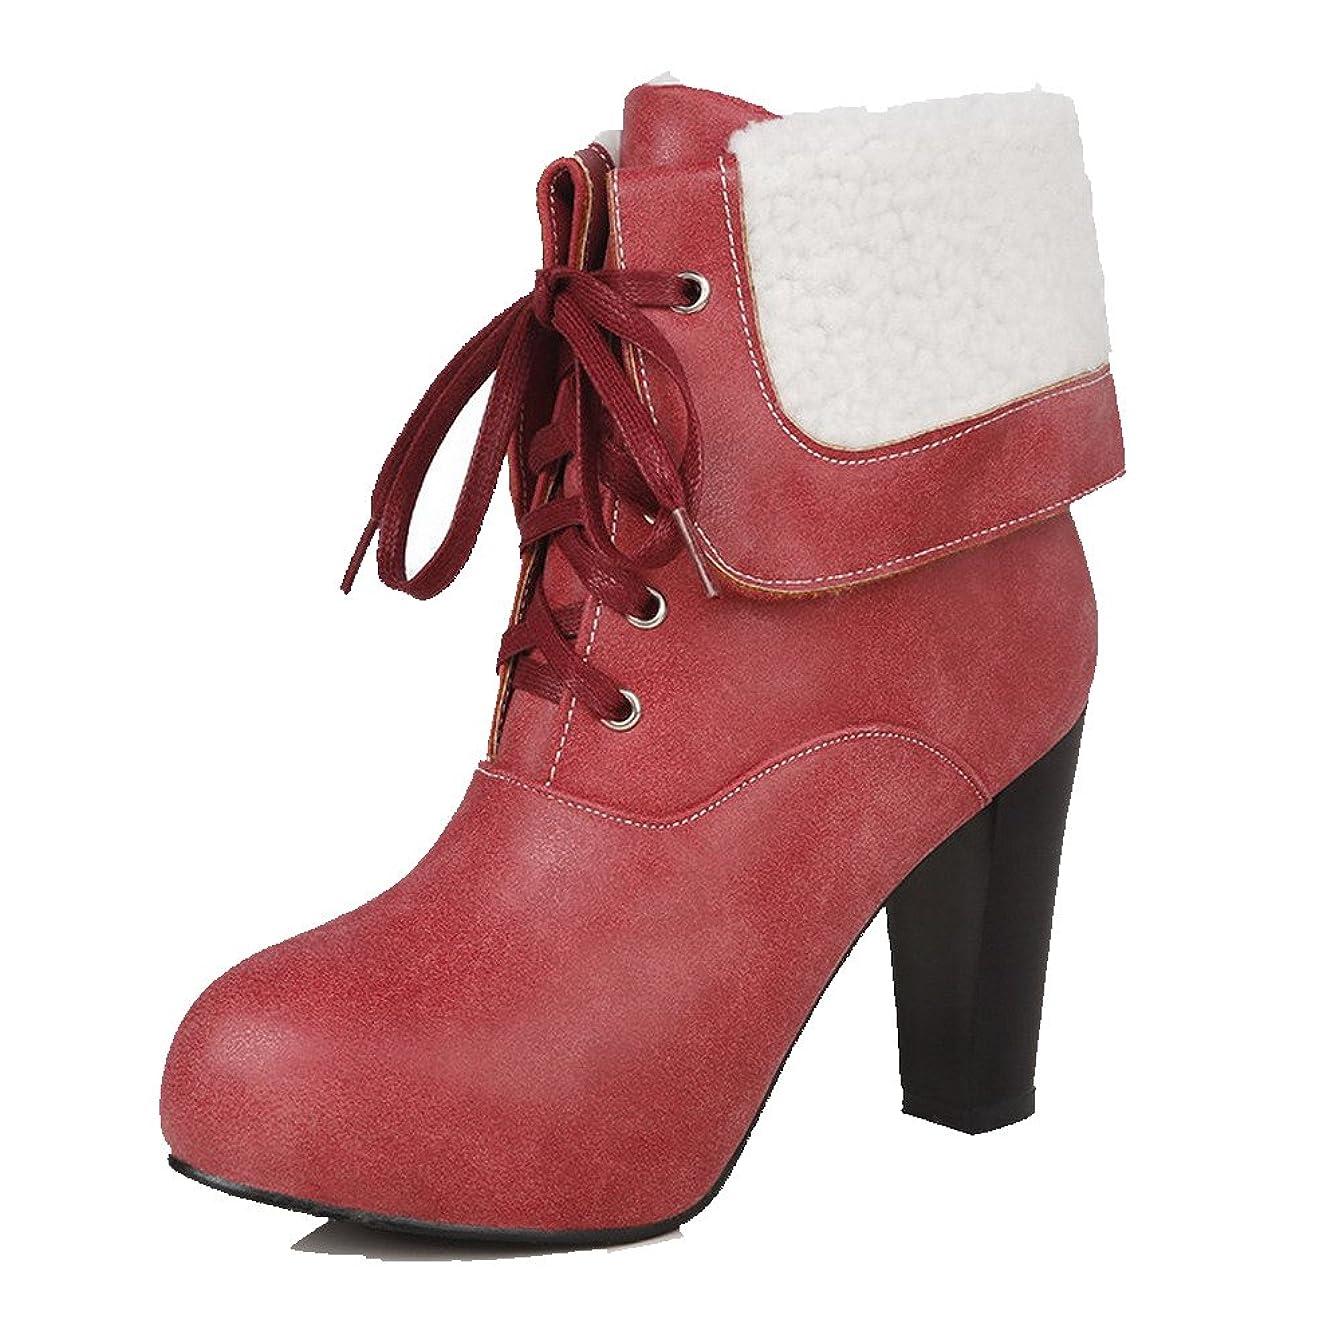 思春期死にかけている相手[オールエイチキューファッション] 女性用 ミシンで縫い糸 ハイヒール ショートブーツ F2AQXE027670